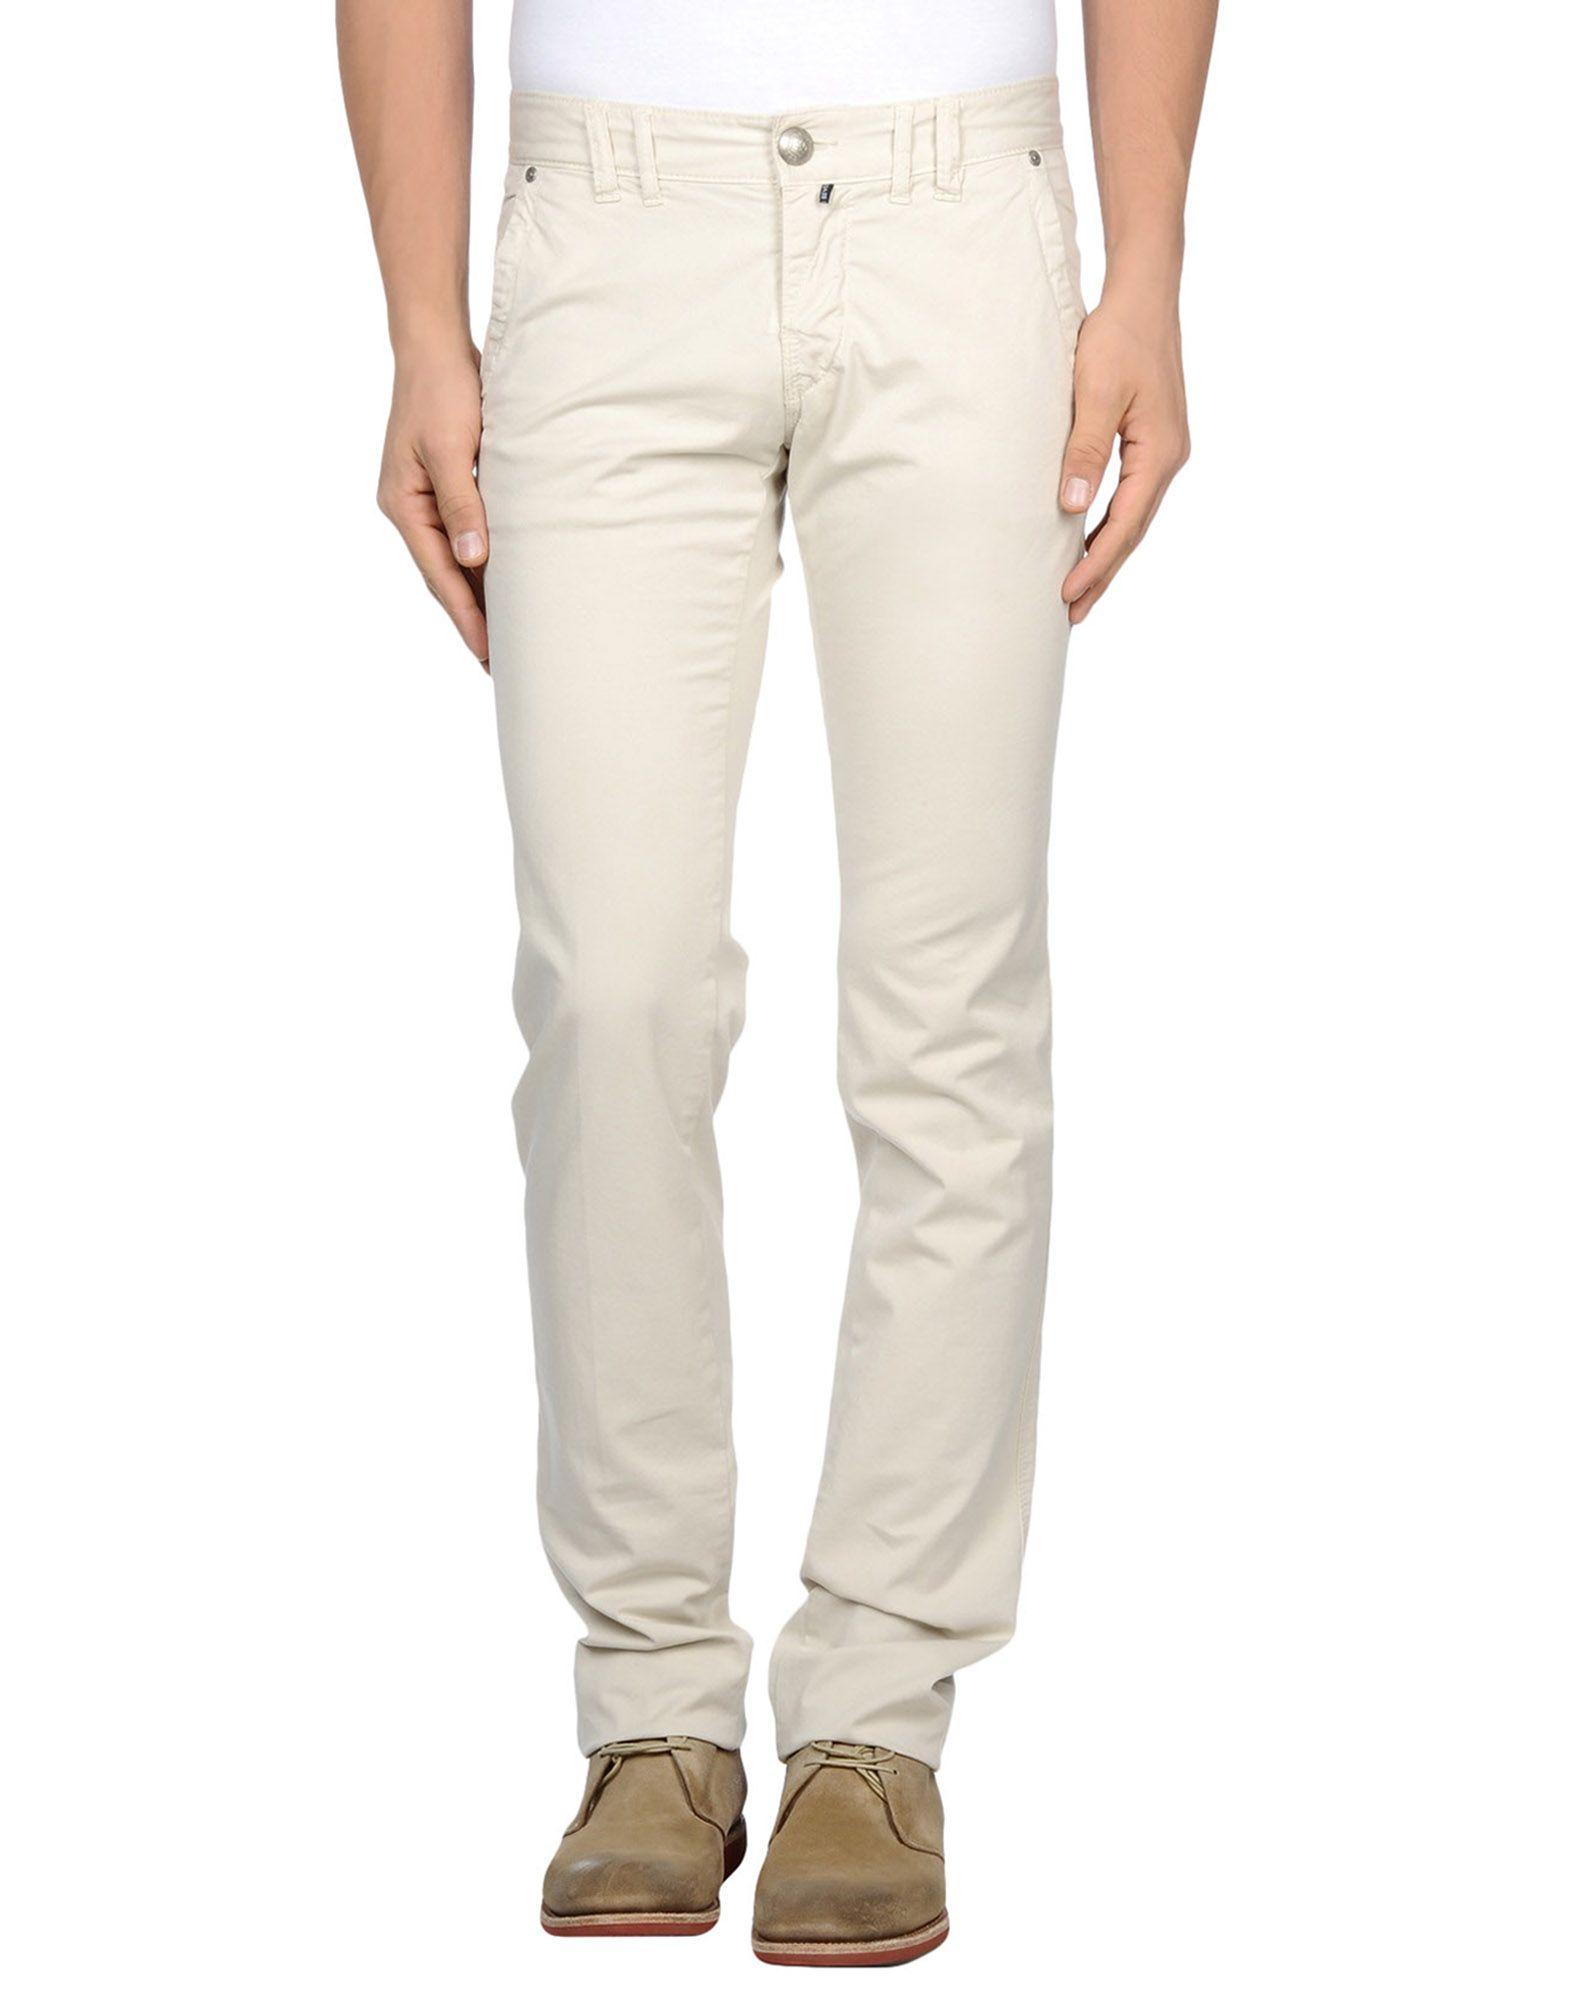 《期間限定セール開催中!》ONE SEVEN TWO メンズ パンツ アイボリー 29 コットン 98% / ポリウレタン 2%